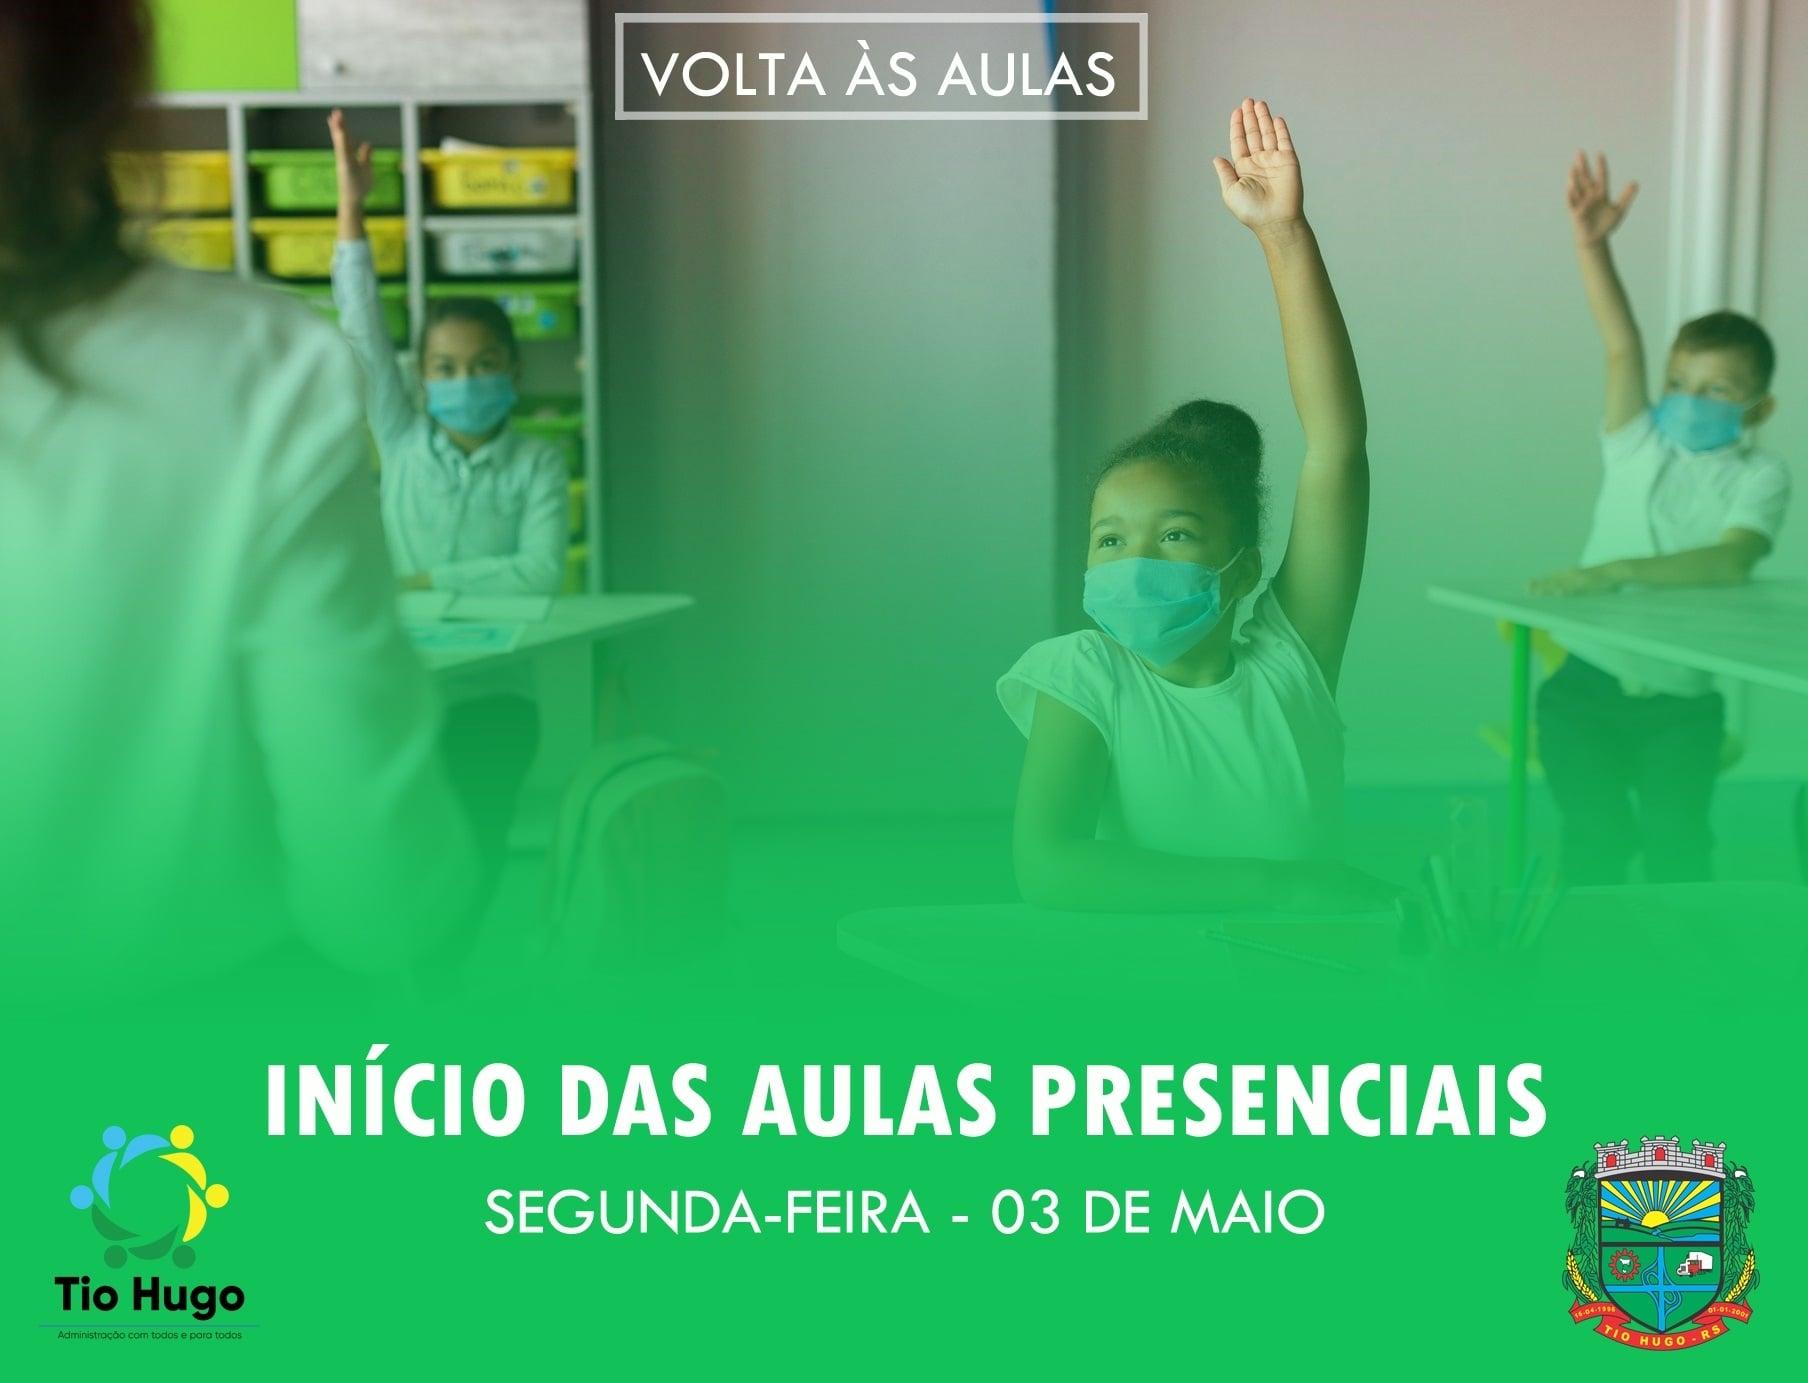 Tio Hugo: Aulas presenciais na rede municipal de ensino serão iniciadas na segunda-feira 03 de maio